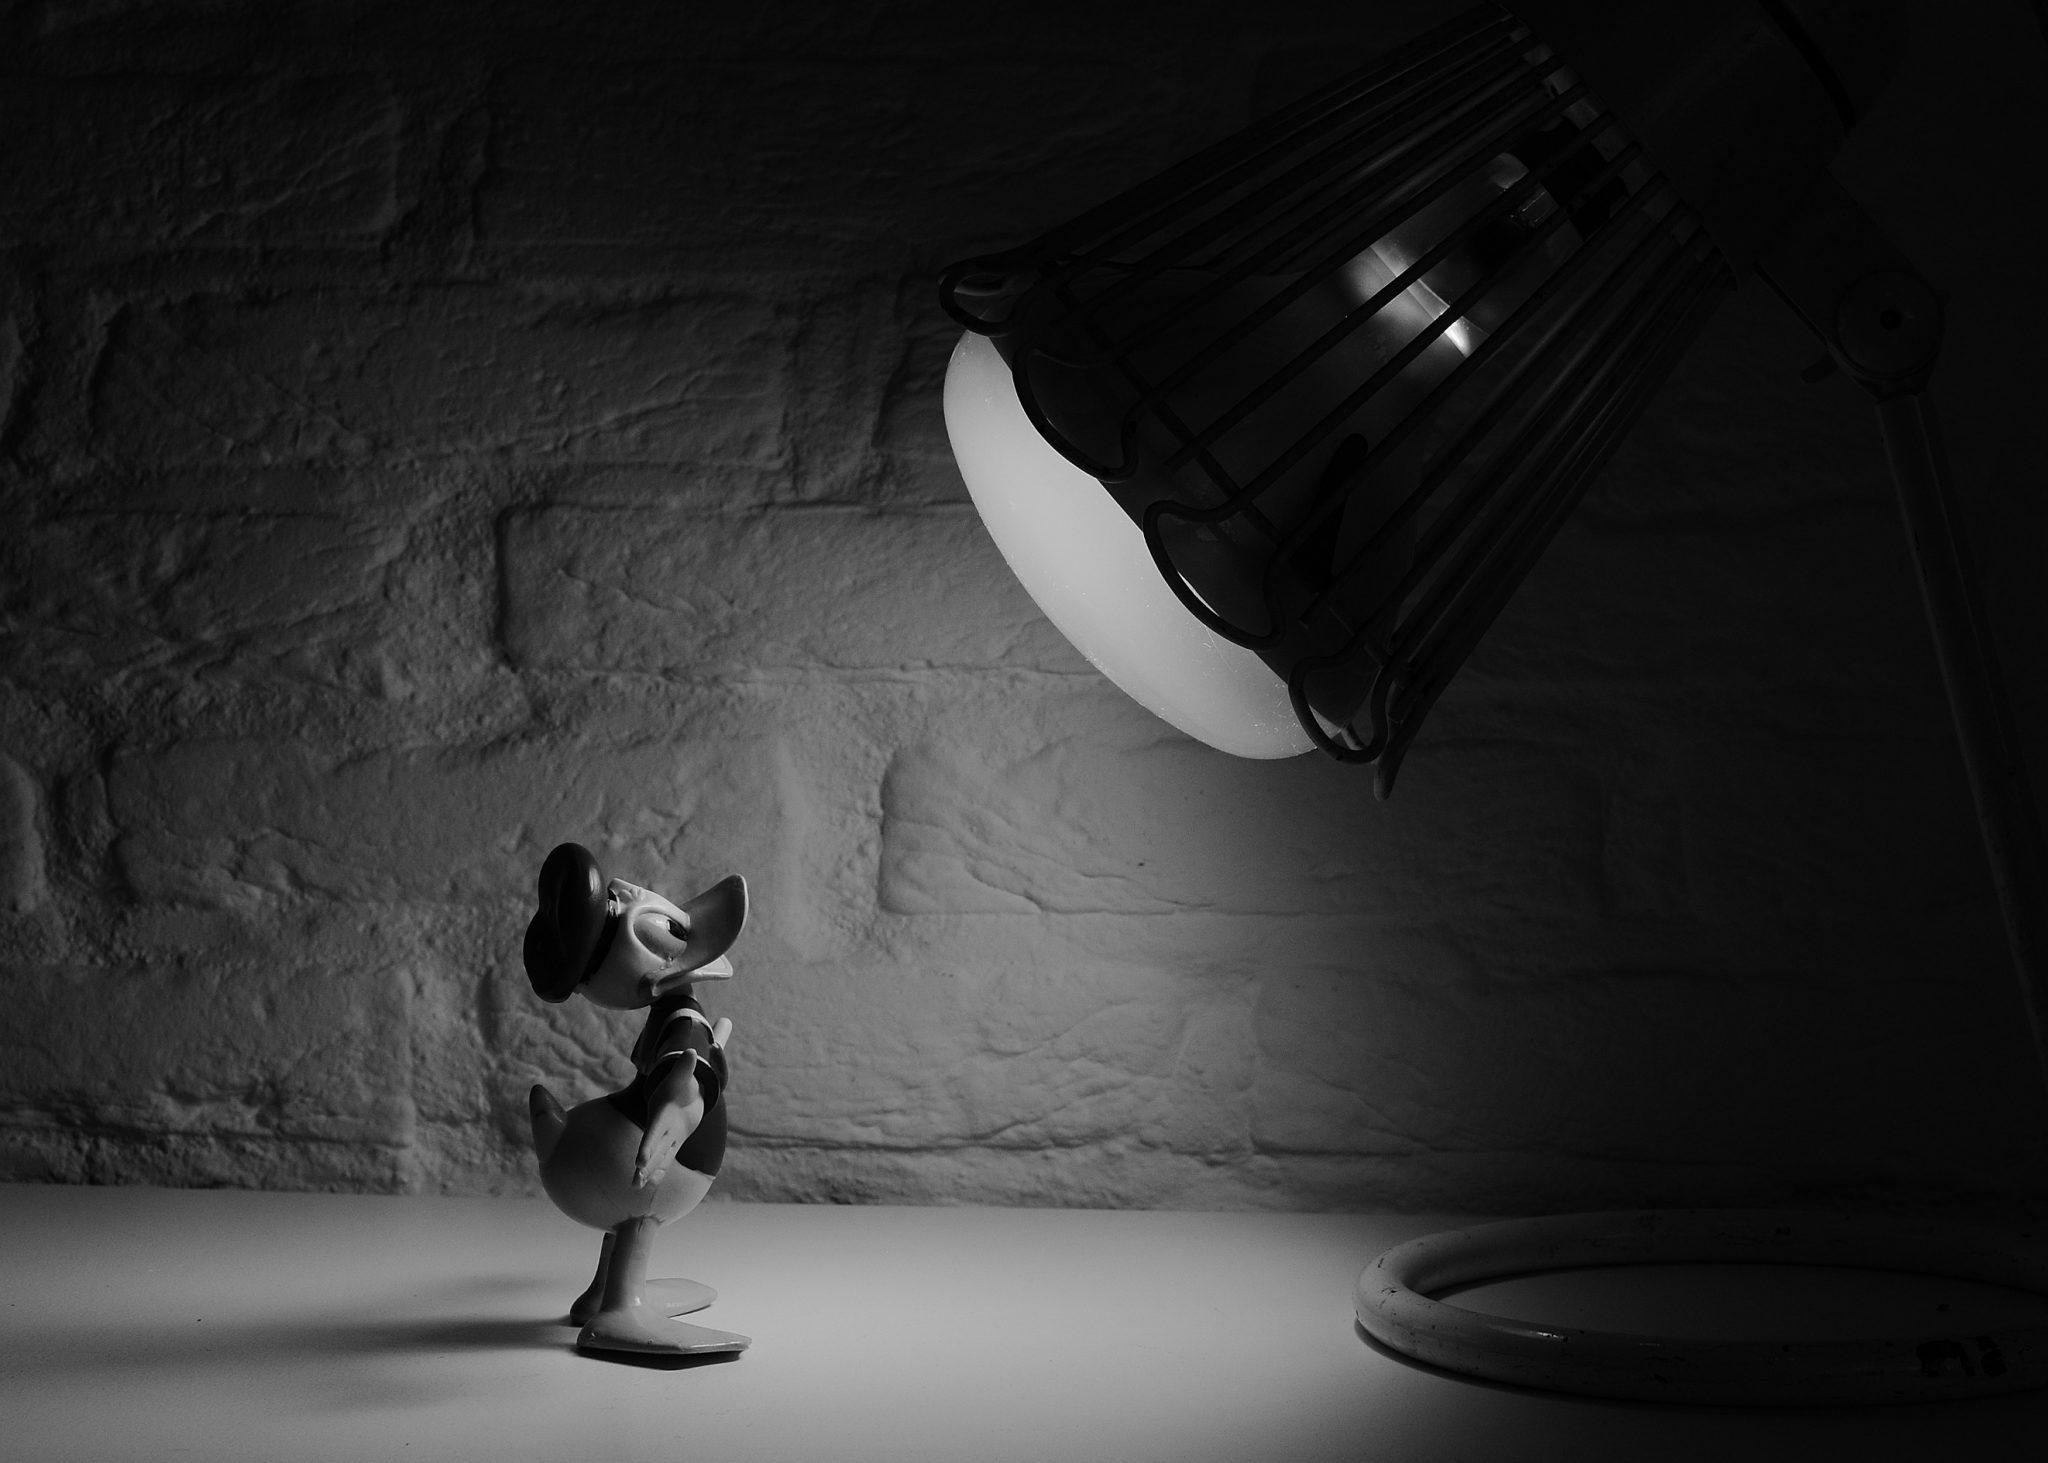 Life Insurance Company Spotlight